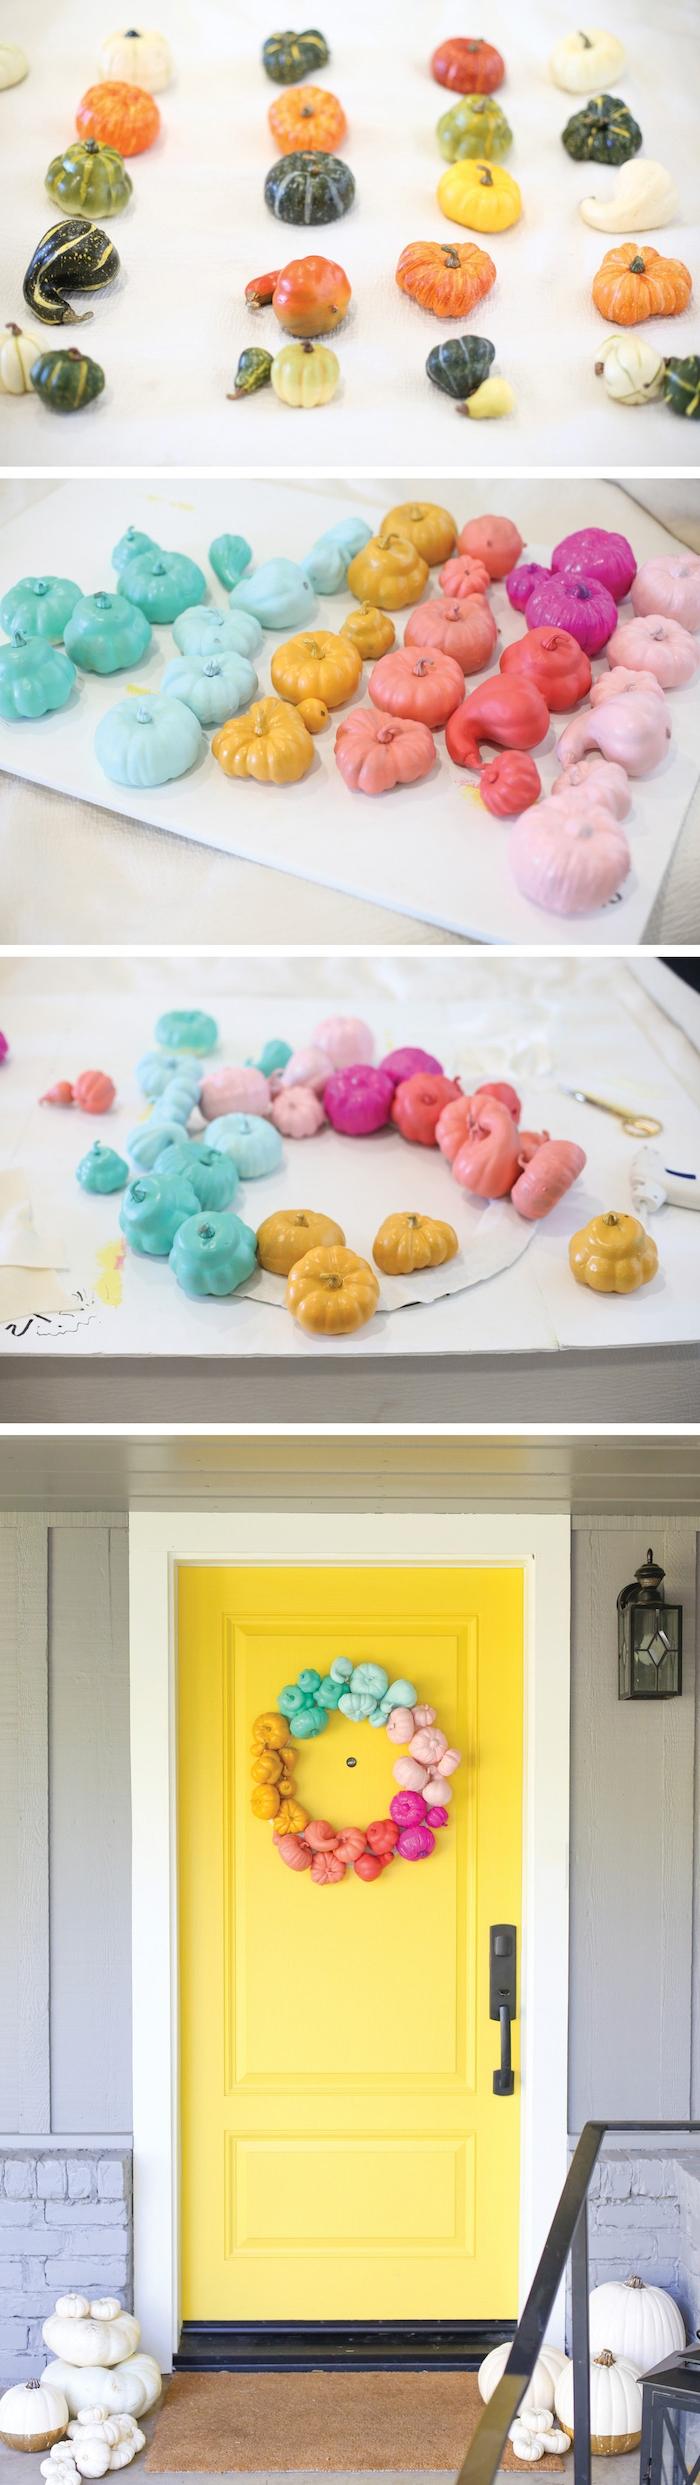 tuto pour fabriquer une couronne de halloween en potirons repeints de couleurs variées pour décorer une porte jaune, décoration halloween extérieur a fabriquer